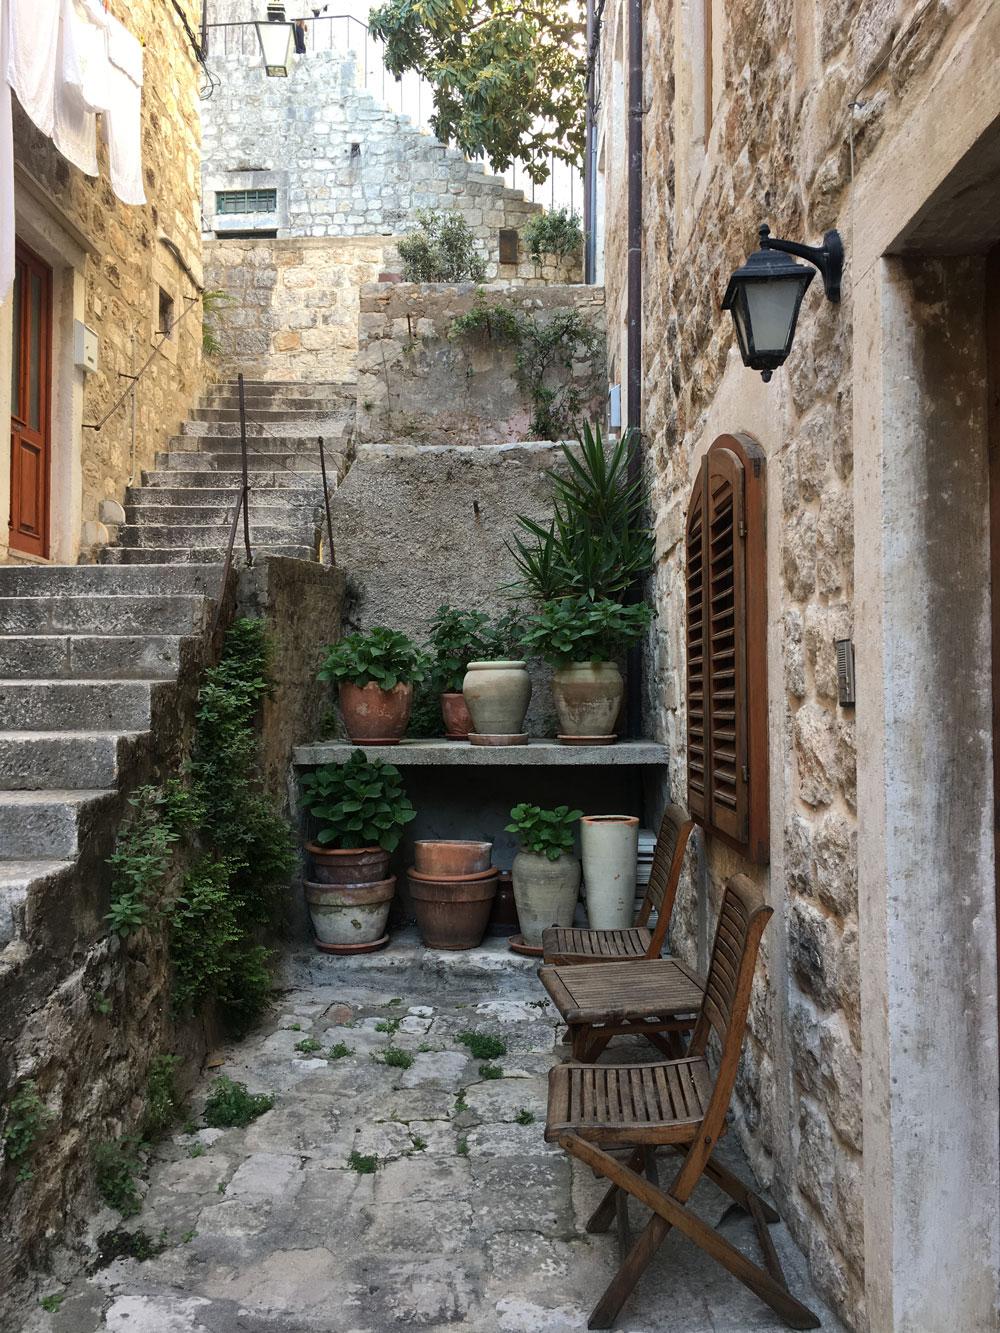 Dubrovnik-old-town2.jpg